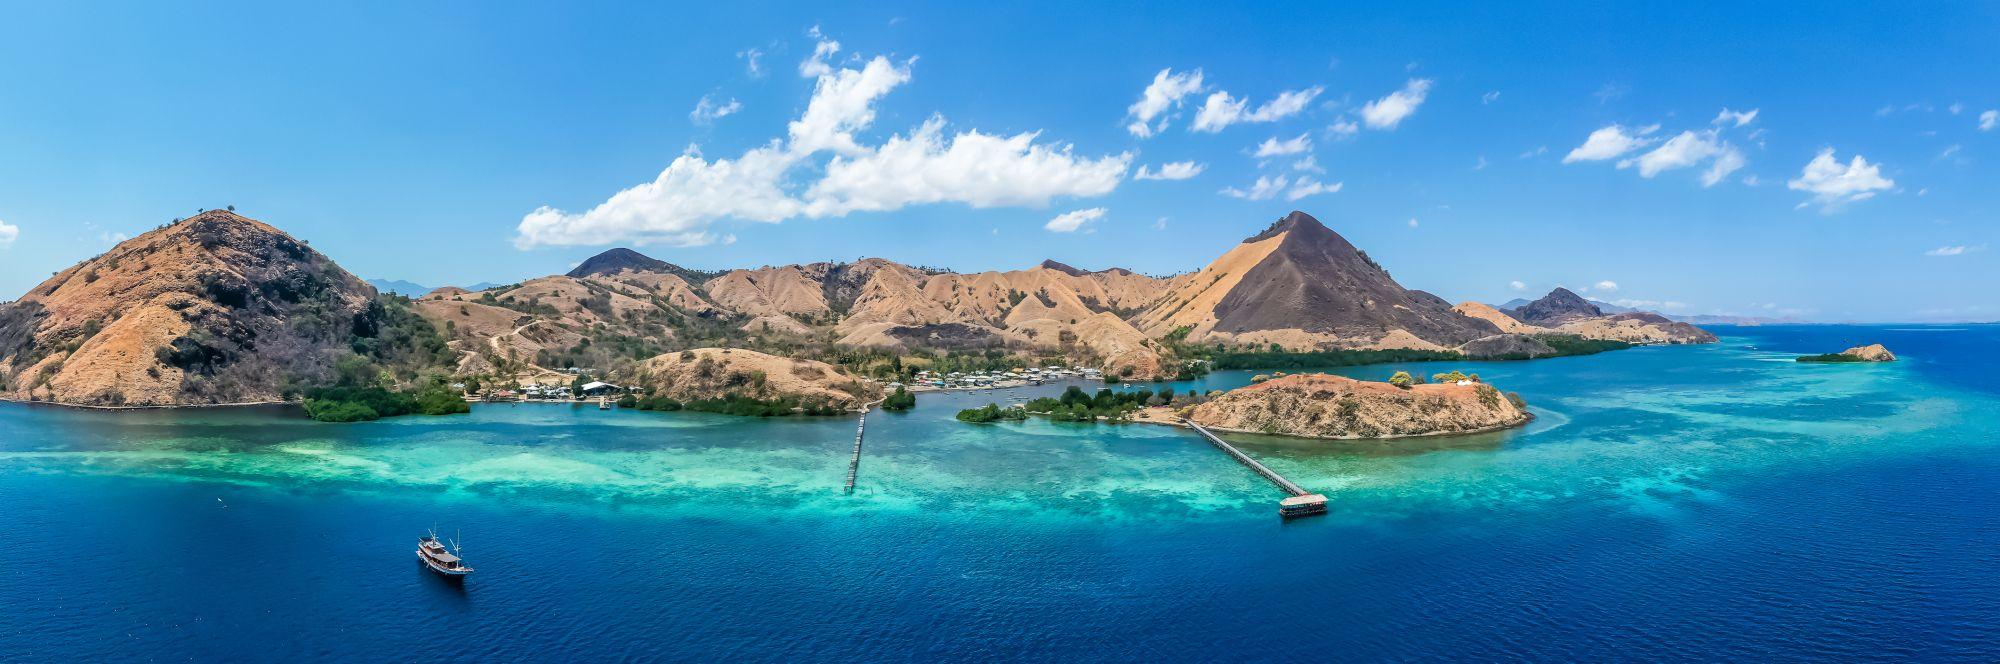 Blog artikel '9 indrukwekkende Indonesische eilanden'